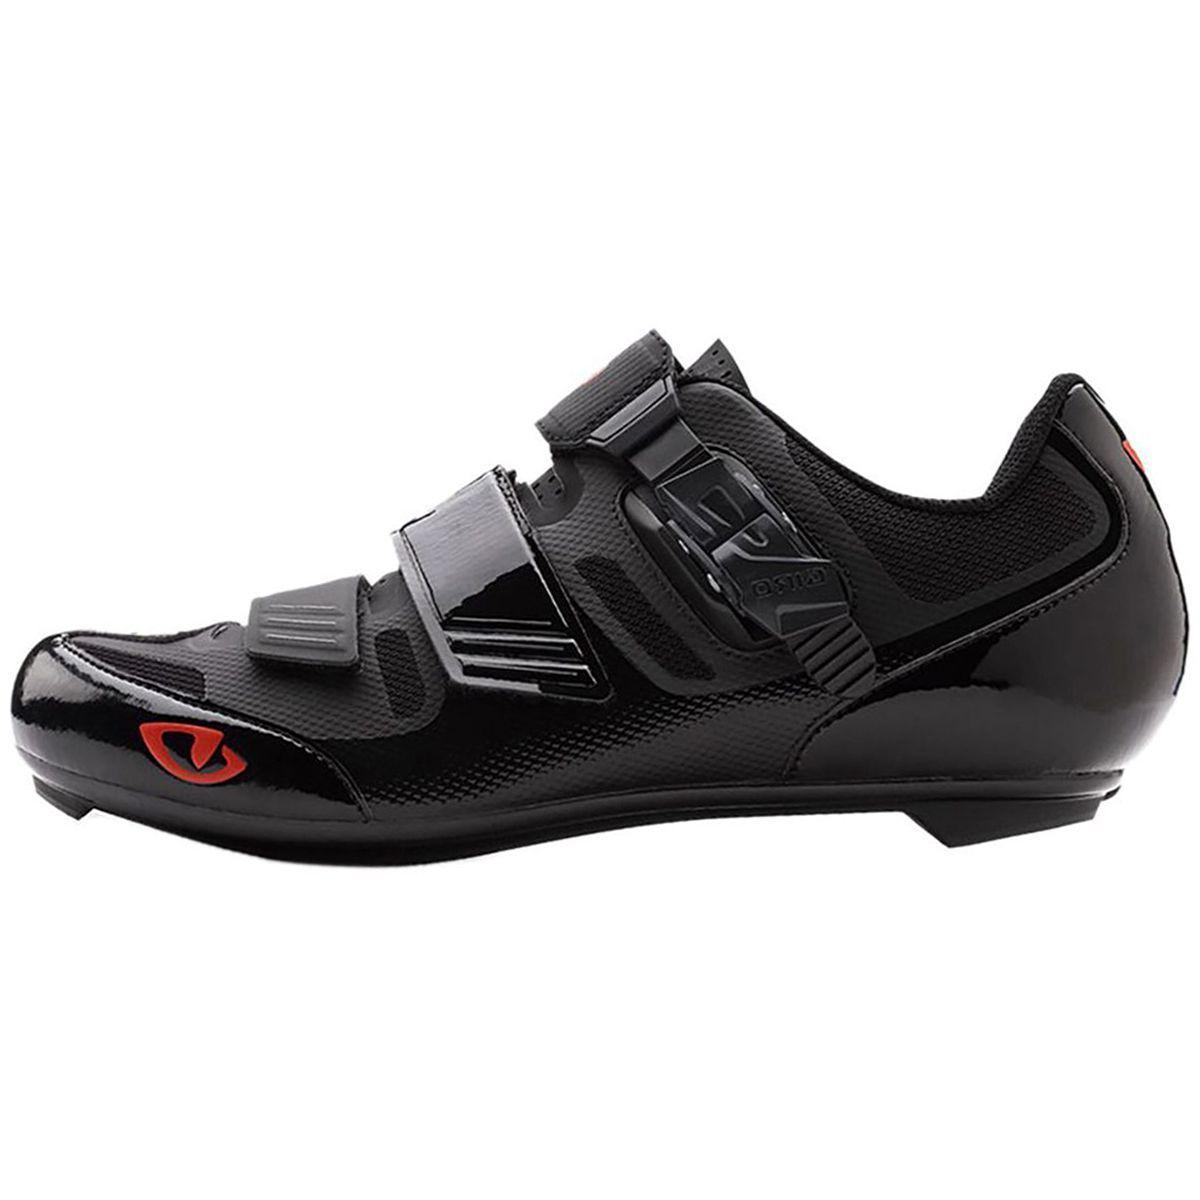 Giro Apeckx II HV Cycling Shoe - Men's